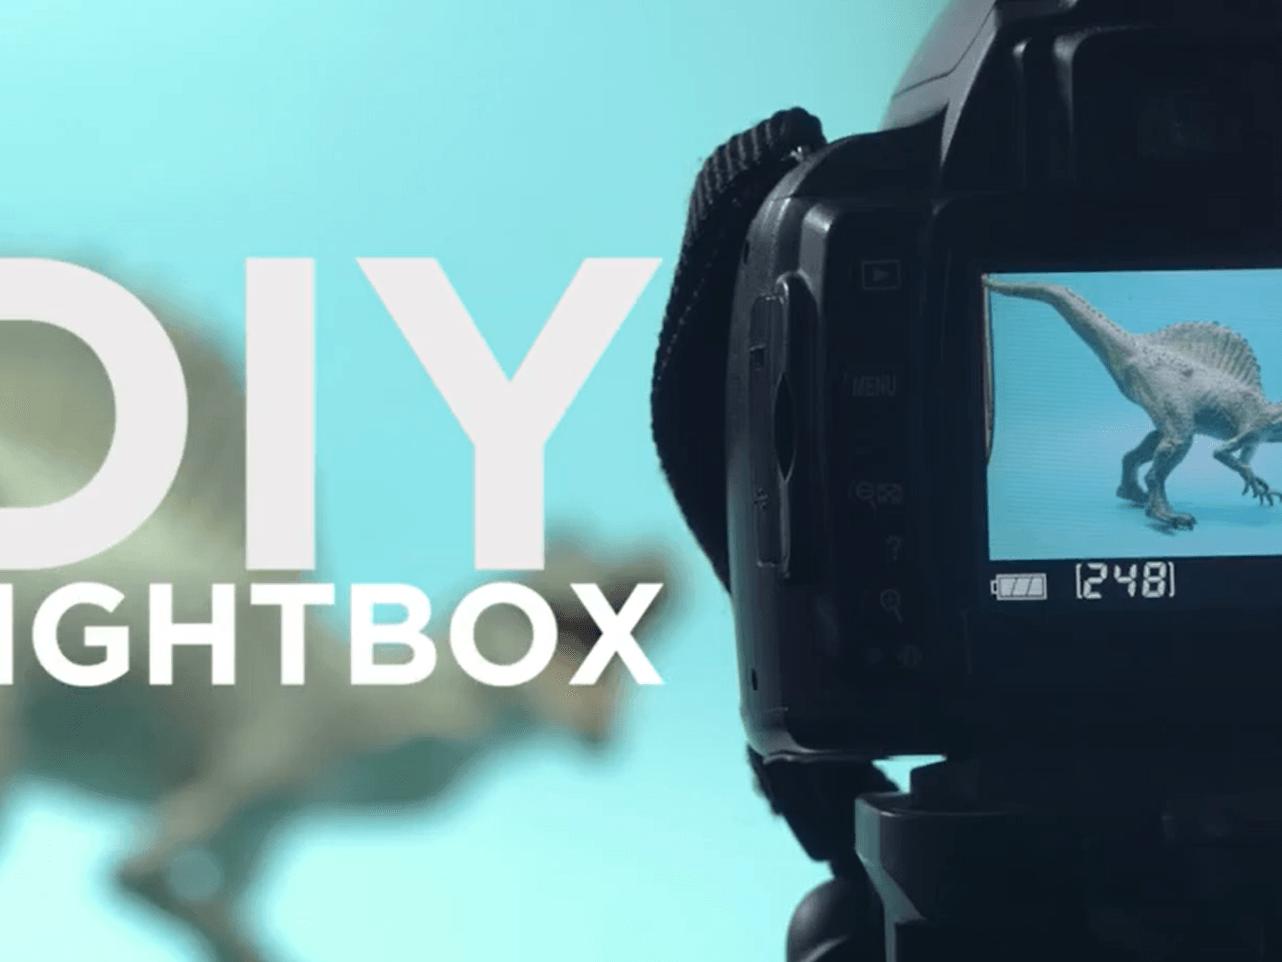 AEM-JEM-DIY Lightbox